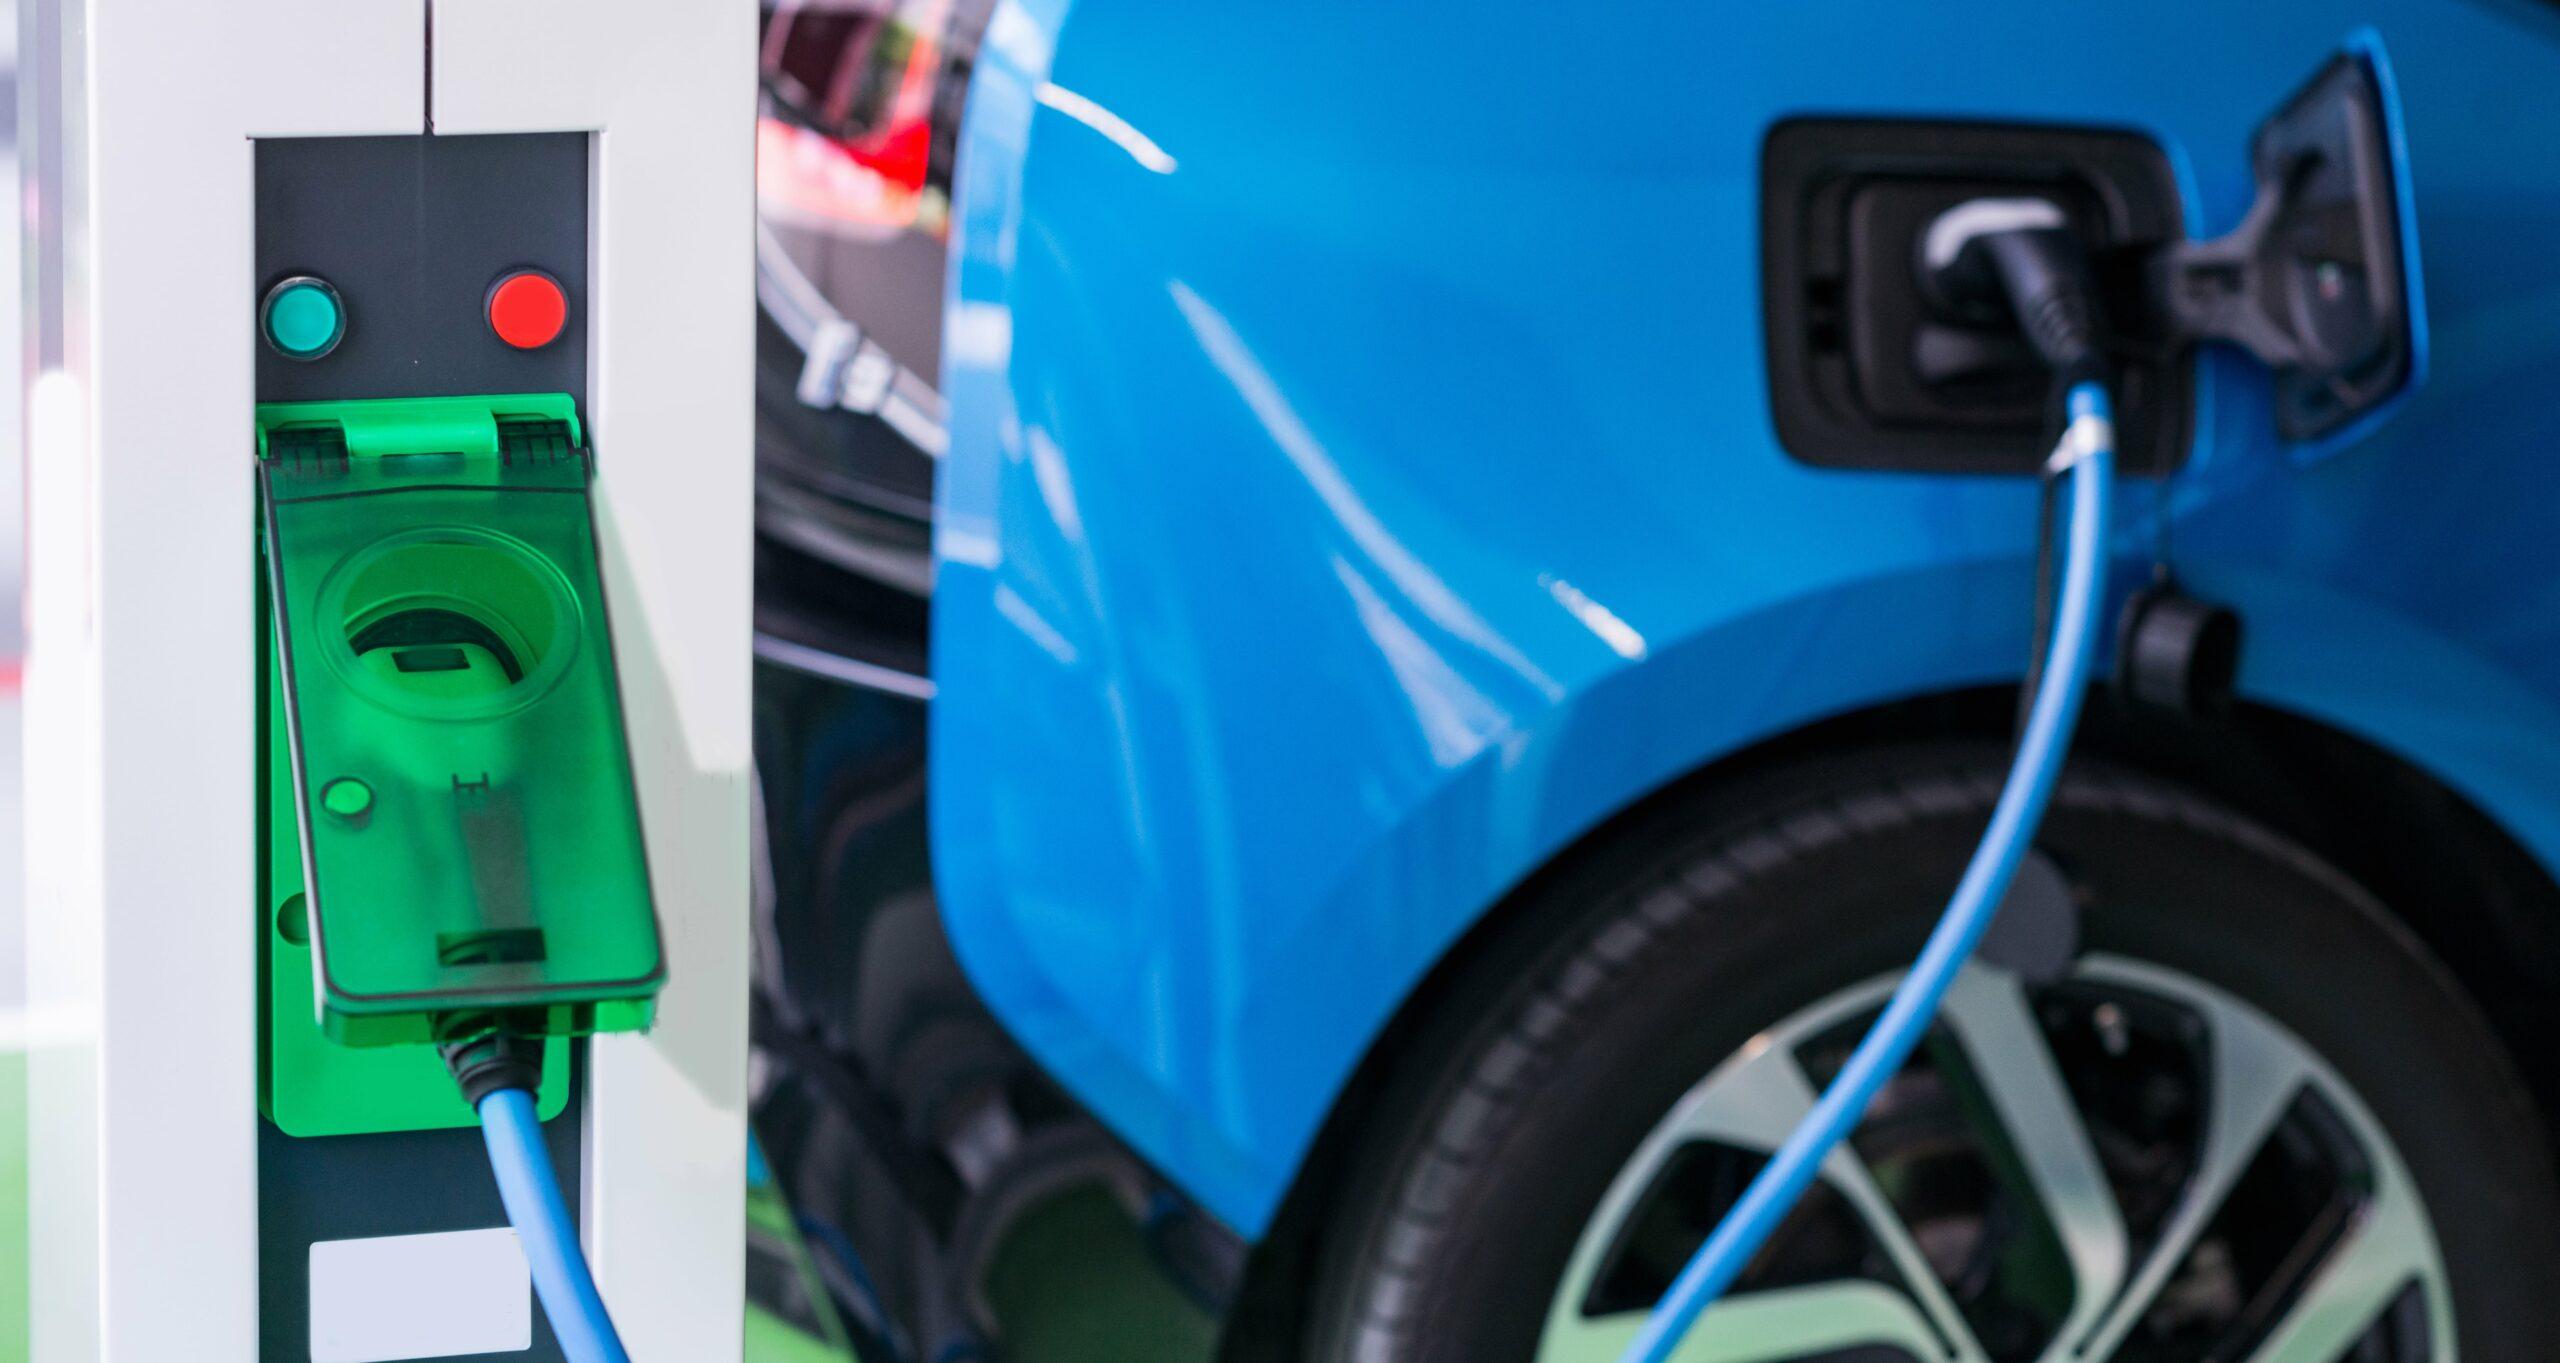 El BOE publica el PERTE para el desarrollo y fabricación del vehículo eléctrico conectado